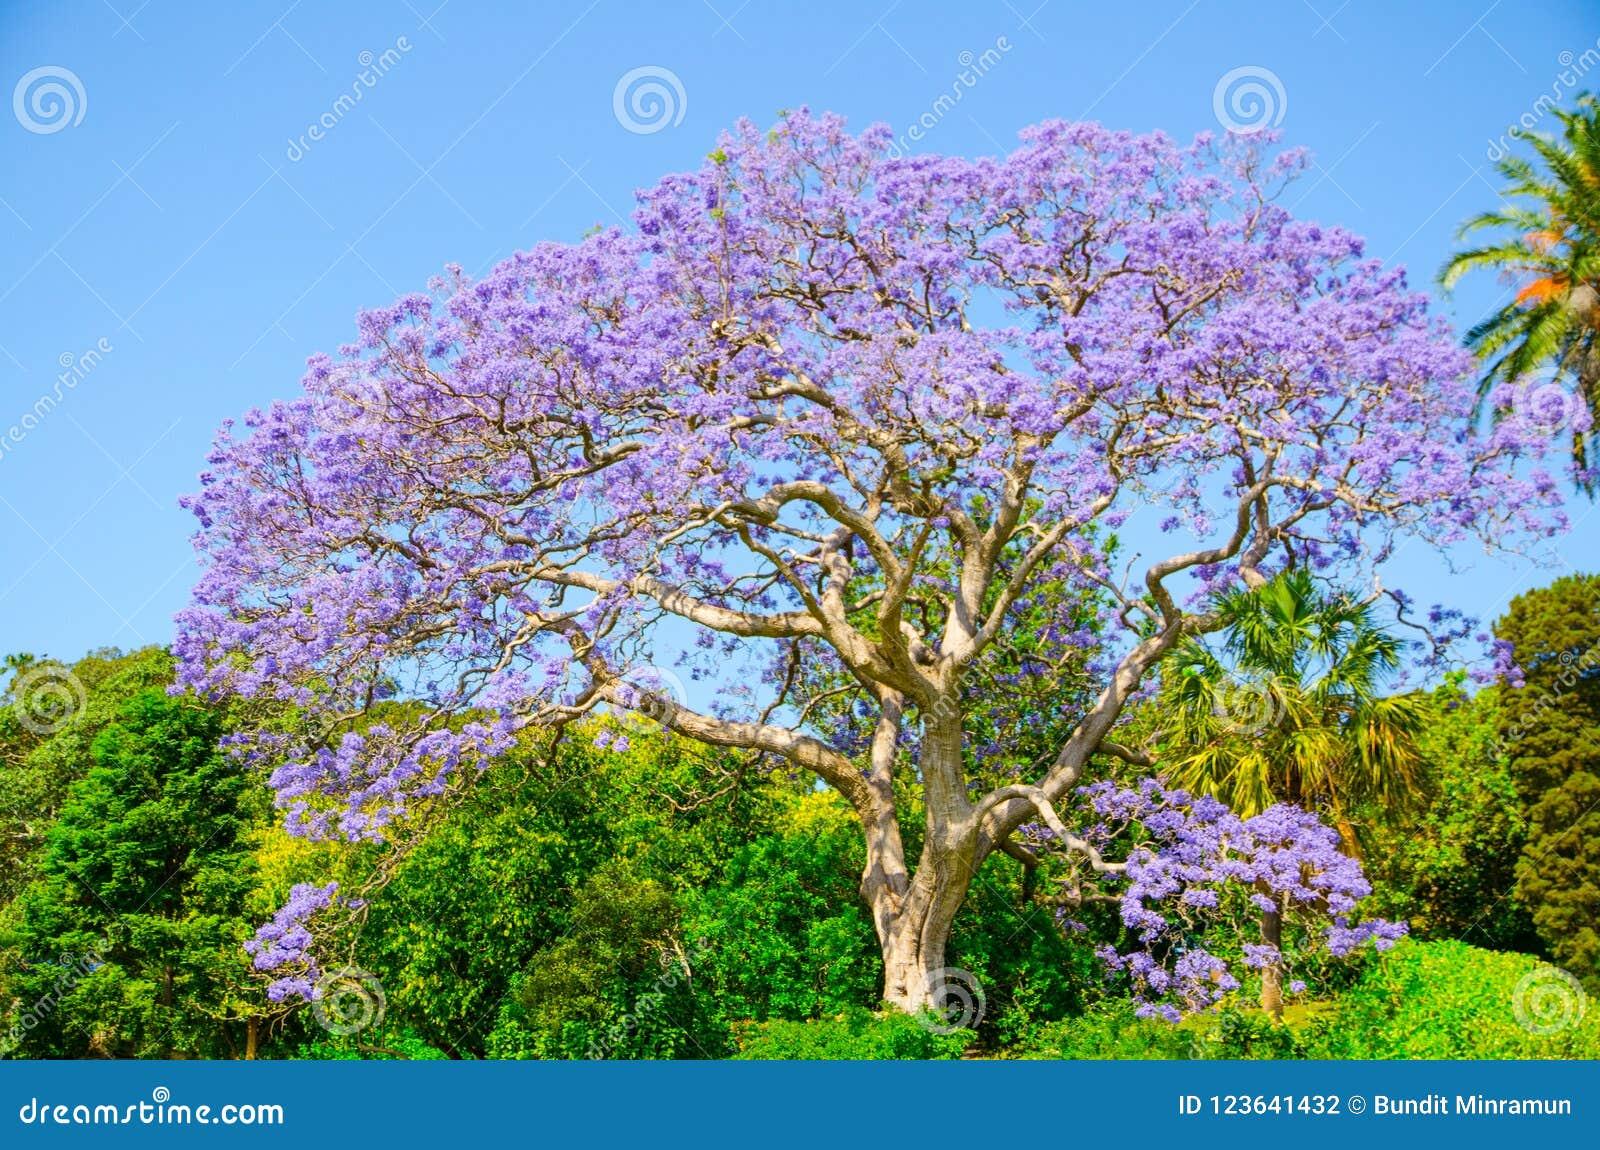 Όμορφο πορφυρό λουλούδι Jacaranda που ανθίζει σε μια εποχή άνοιξης στο βοτανικό κήπο του Σίδνεϊ